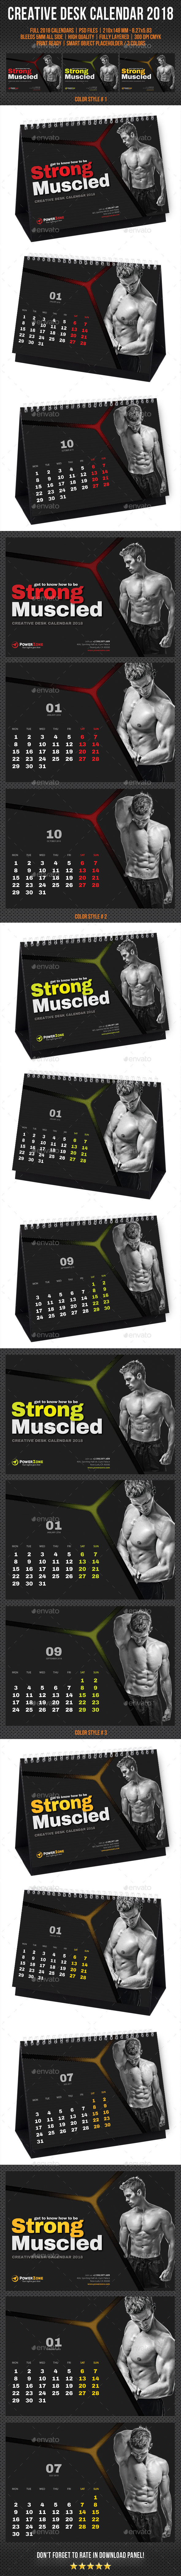 Creative Desk Calendar 2018 V25 - Calendars Stationery